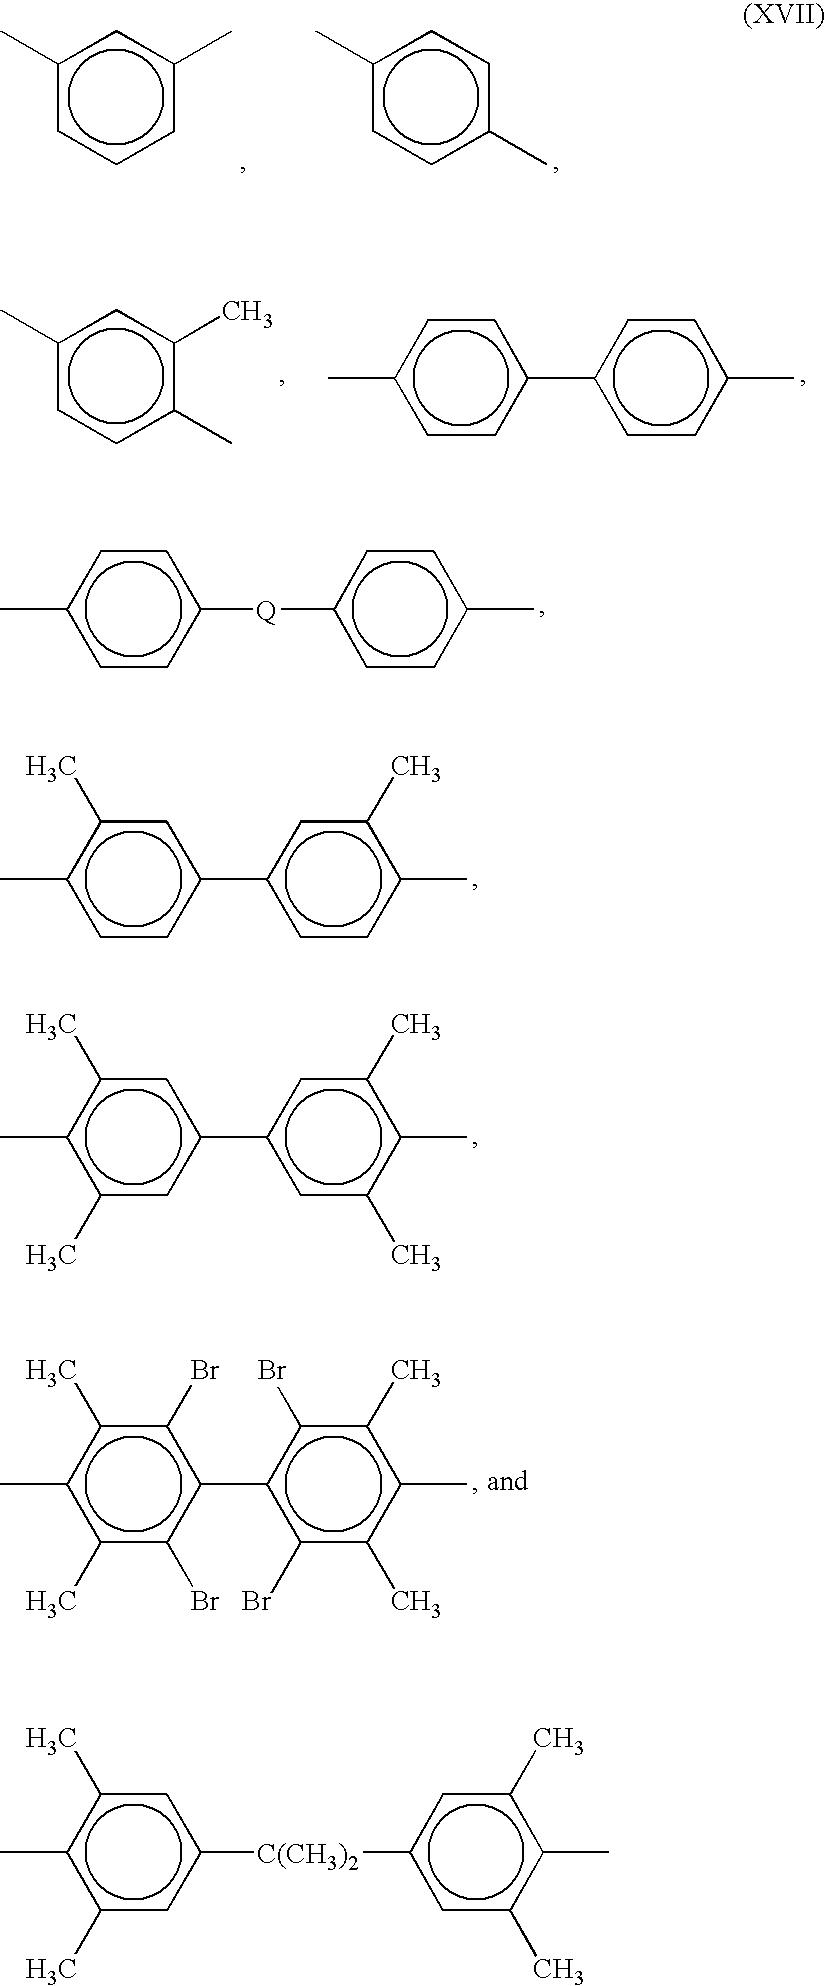 Figure US08263691-20120911-C00015